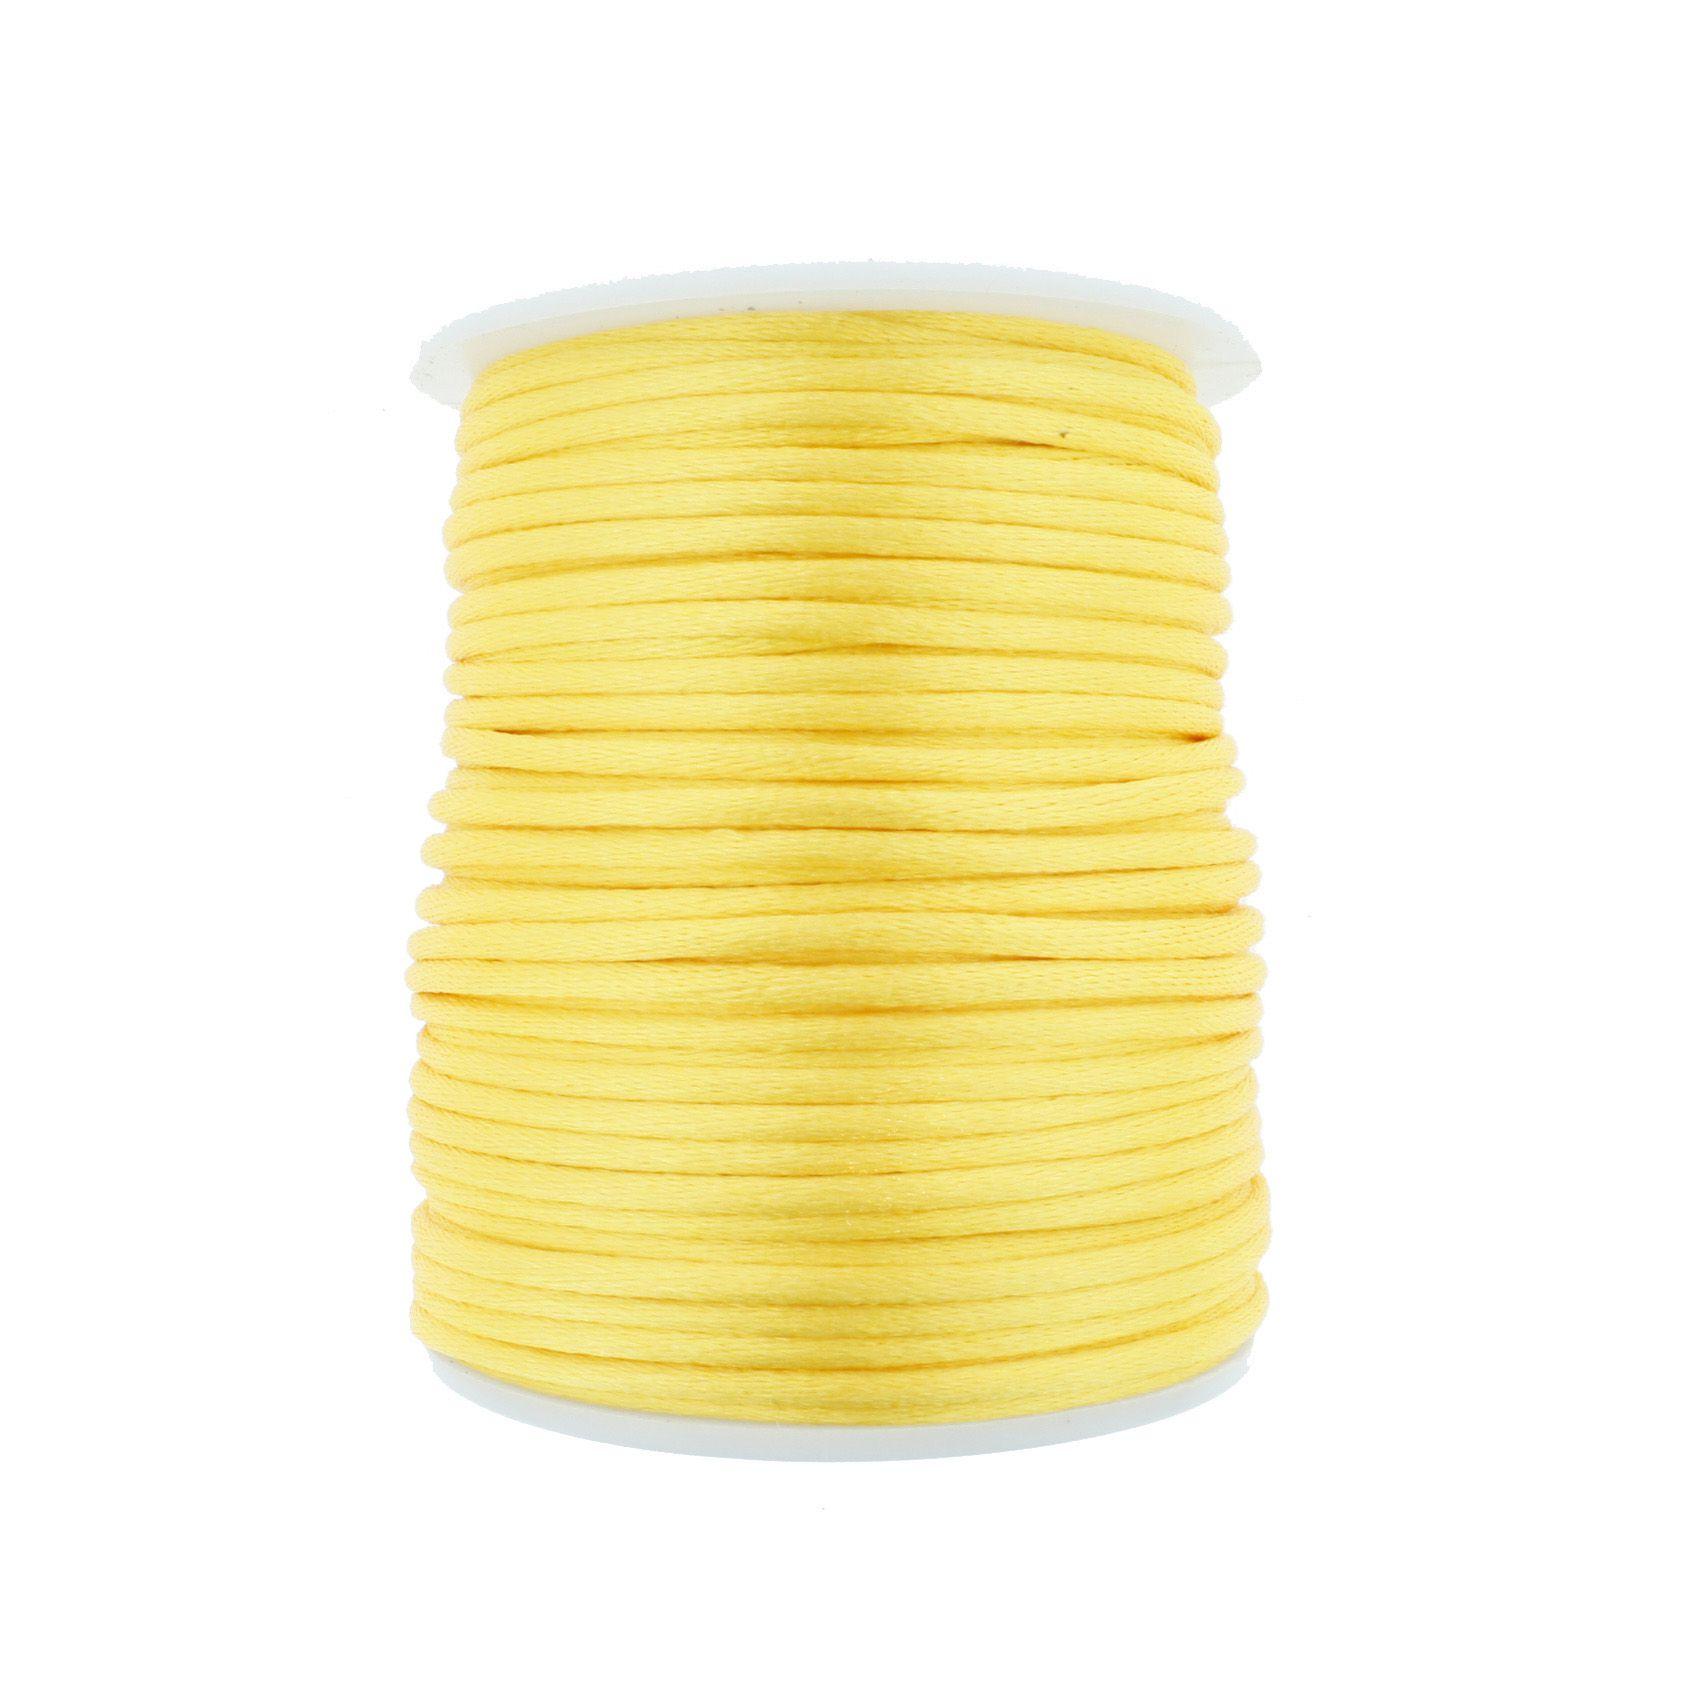 Cordão de Seda - Amarelo Gema - 2mm  - Stéphanie Bijoux® - Peças para Bijuterias e Artesanato